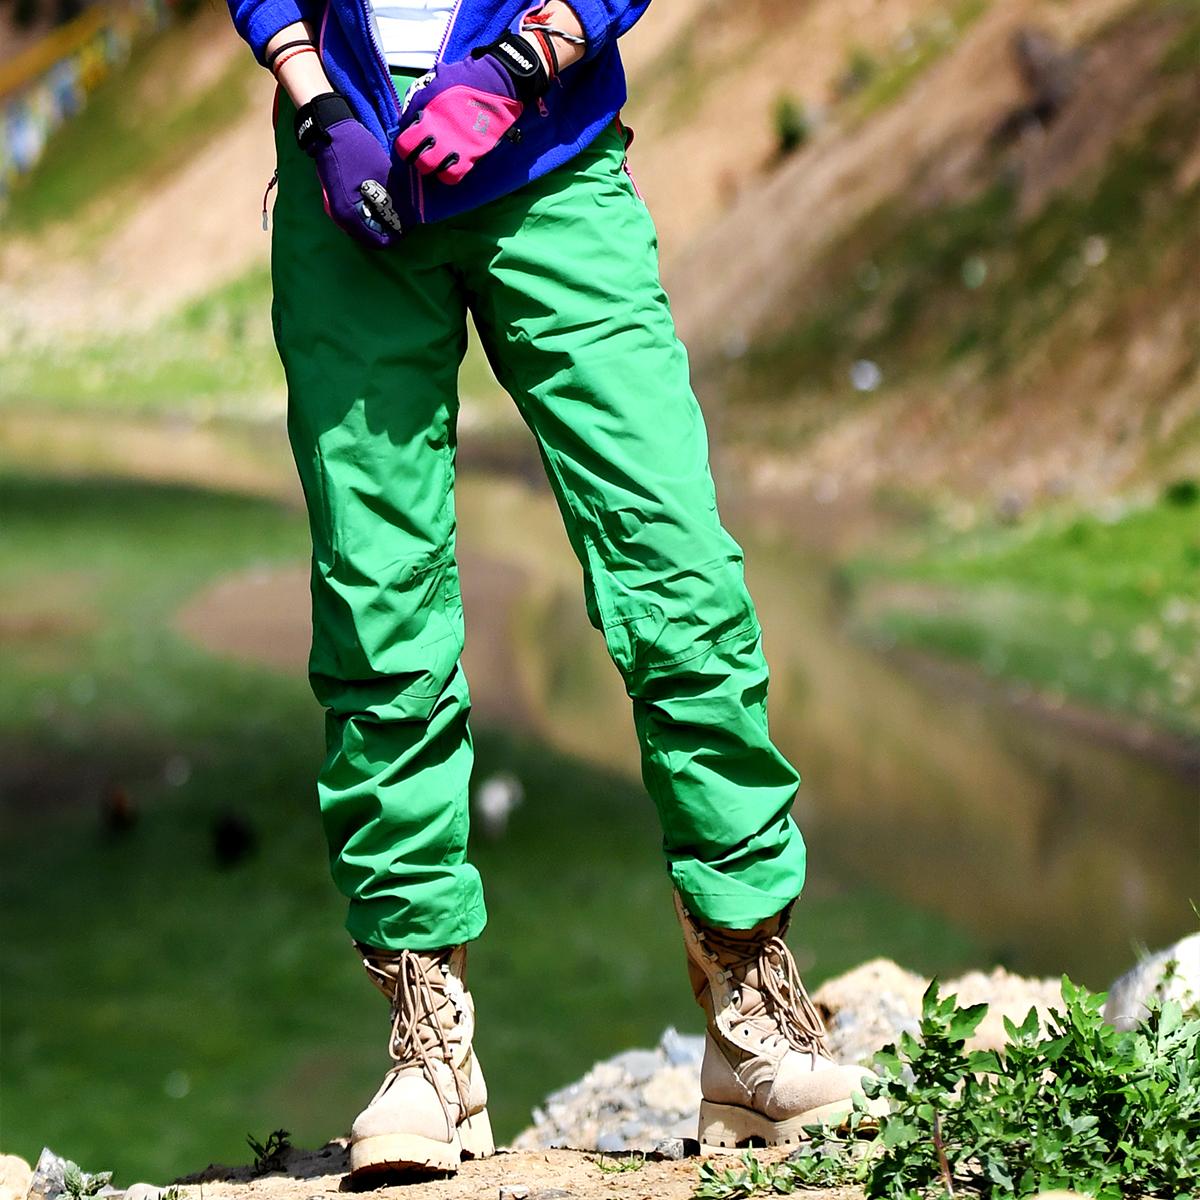 Пекин лес на открытом воздухе зима шерсть съемный вкладыш разгружать катание на лыжах пулемёт брюки водонепроницаемый воздухопроницаемый теплый женский